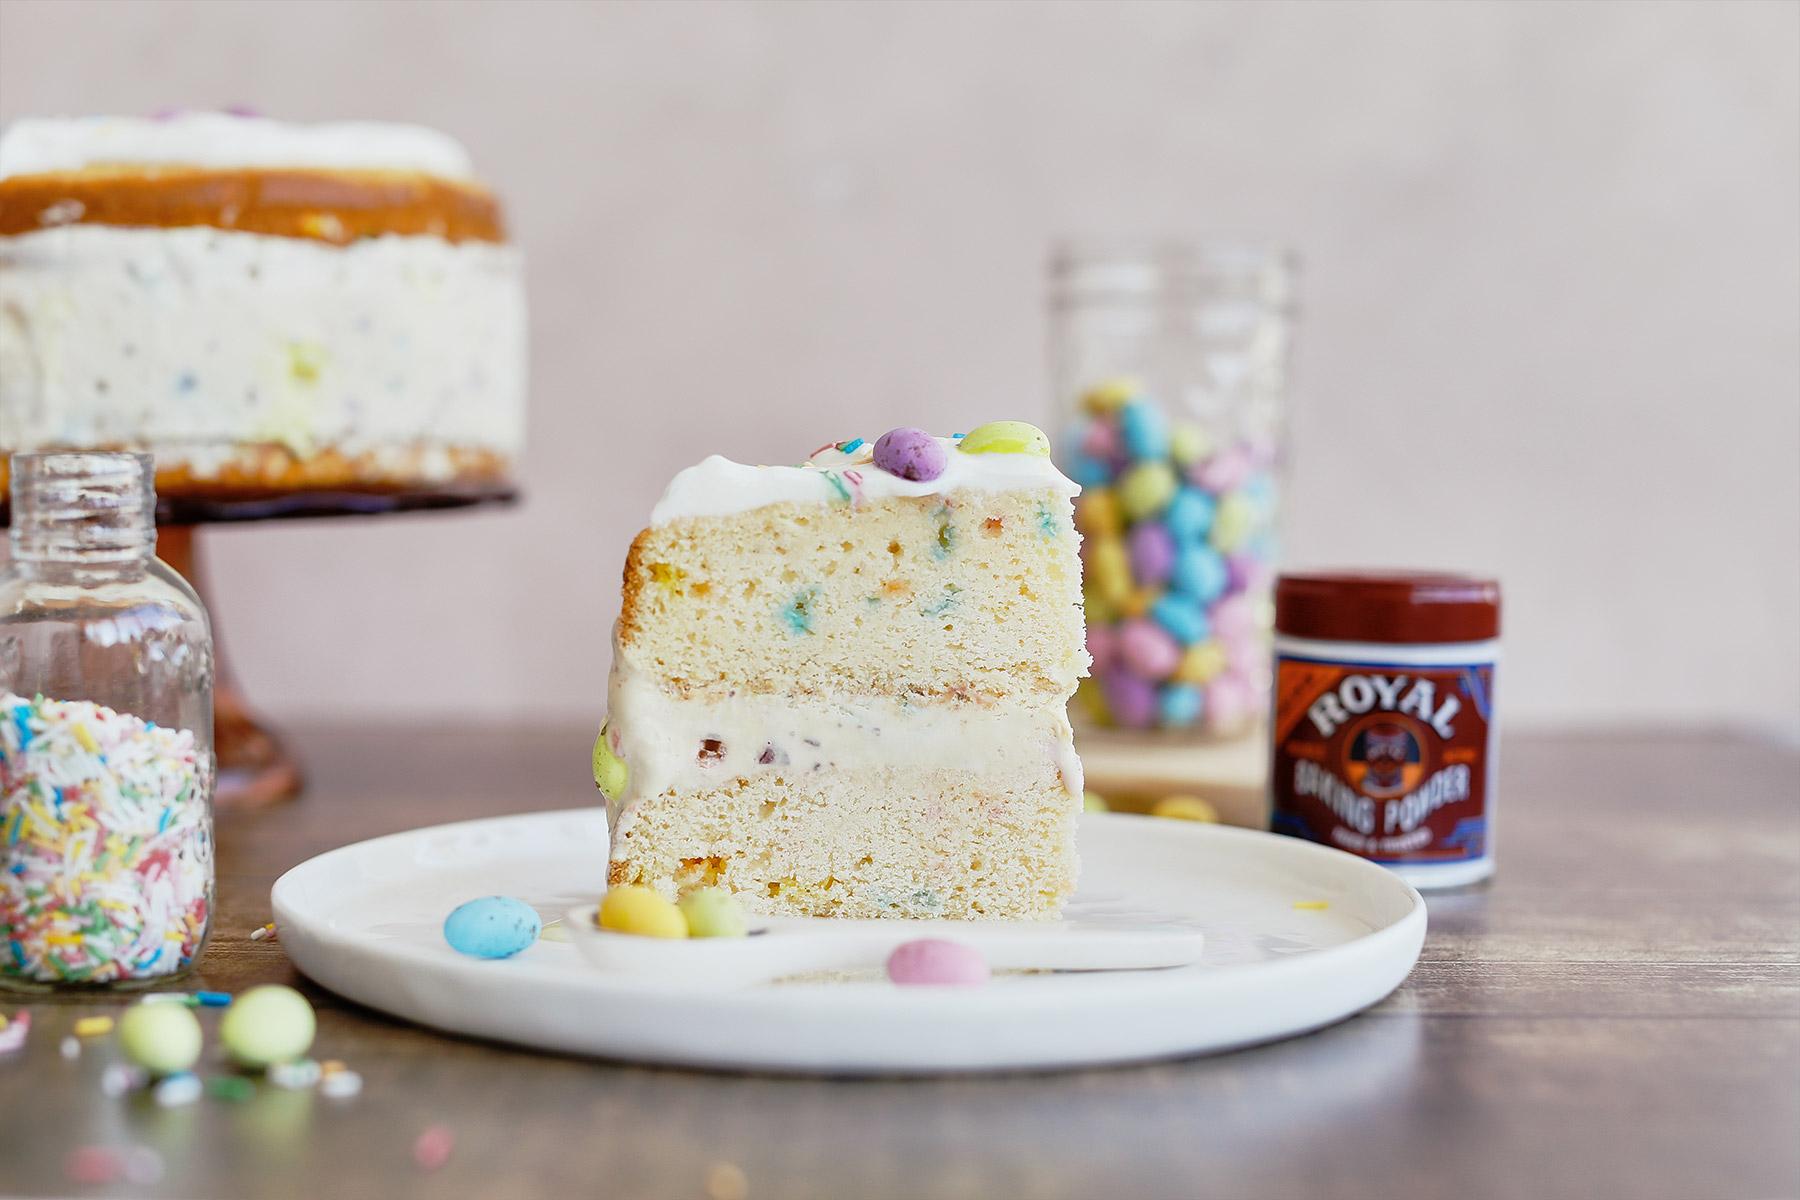 FUNFETTI-SPECKLED-EGG-ICE-CREAM-CAKE-5